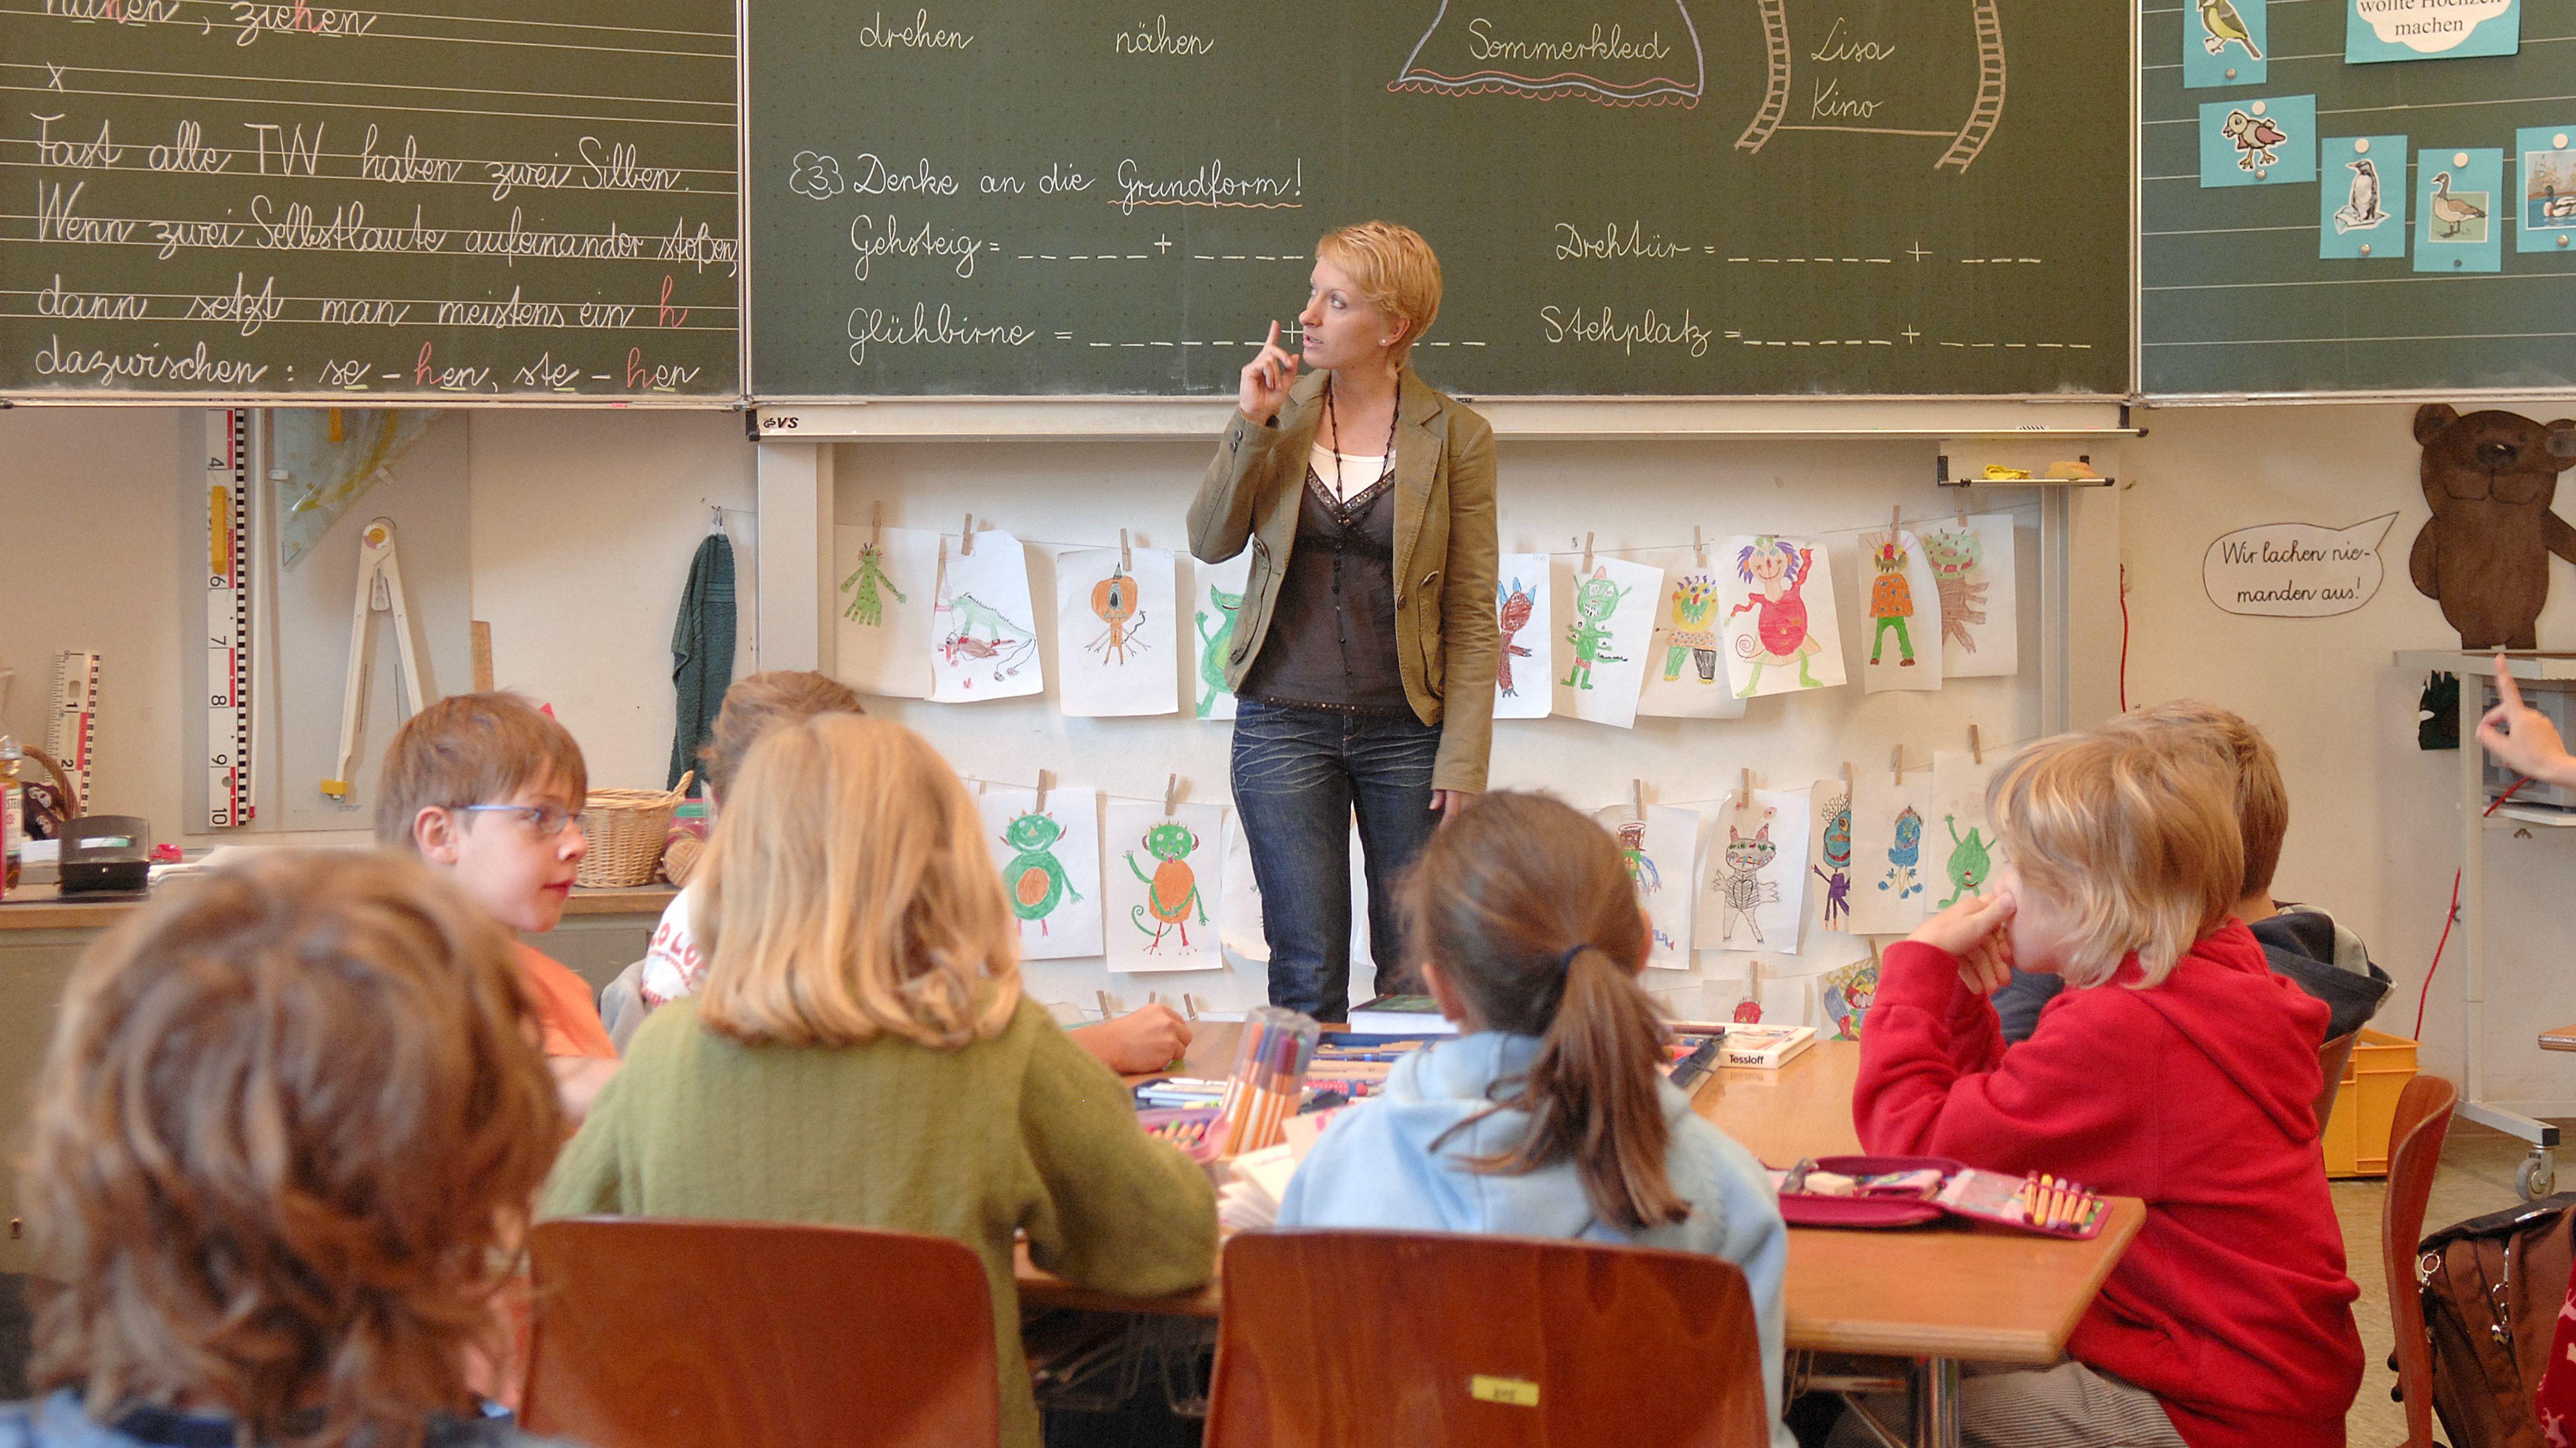 Grundschullehrerin beim Unterricht